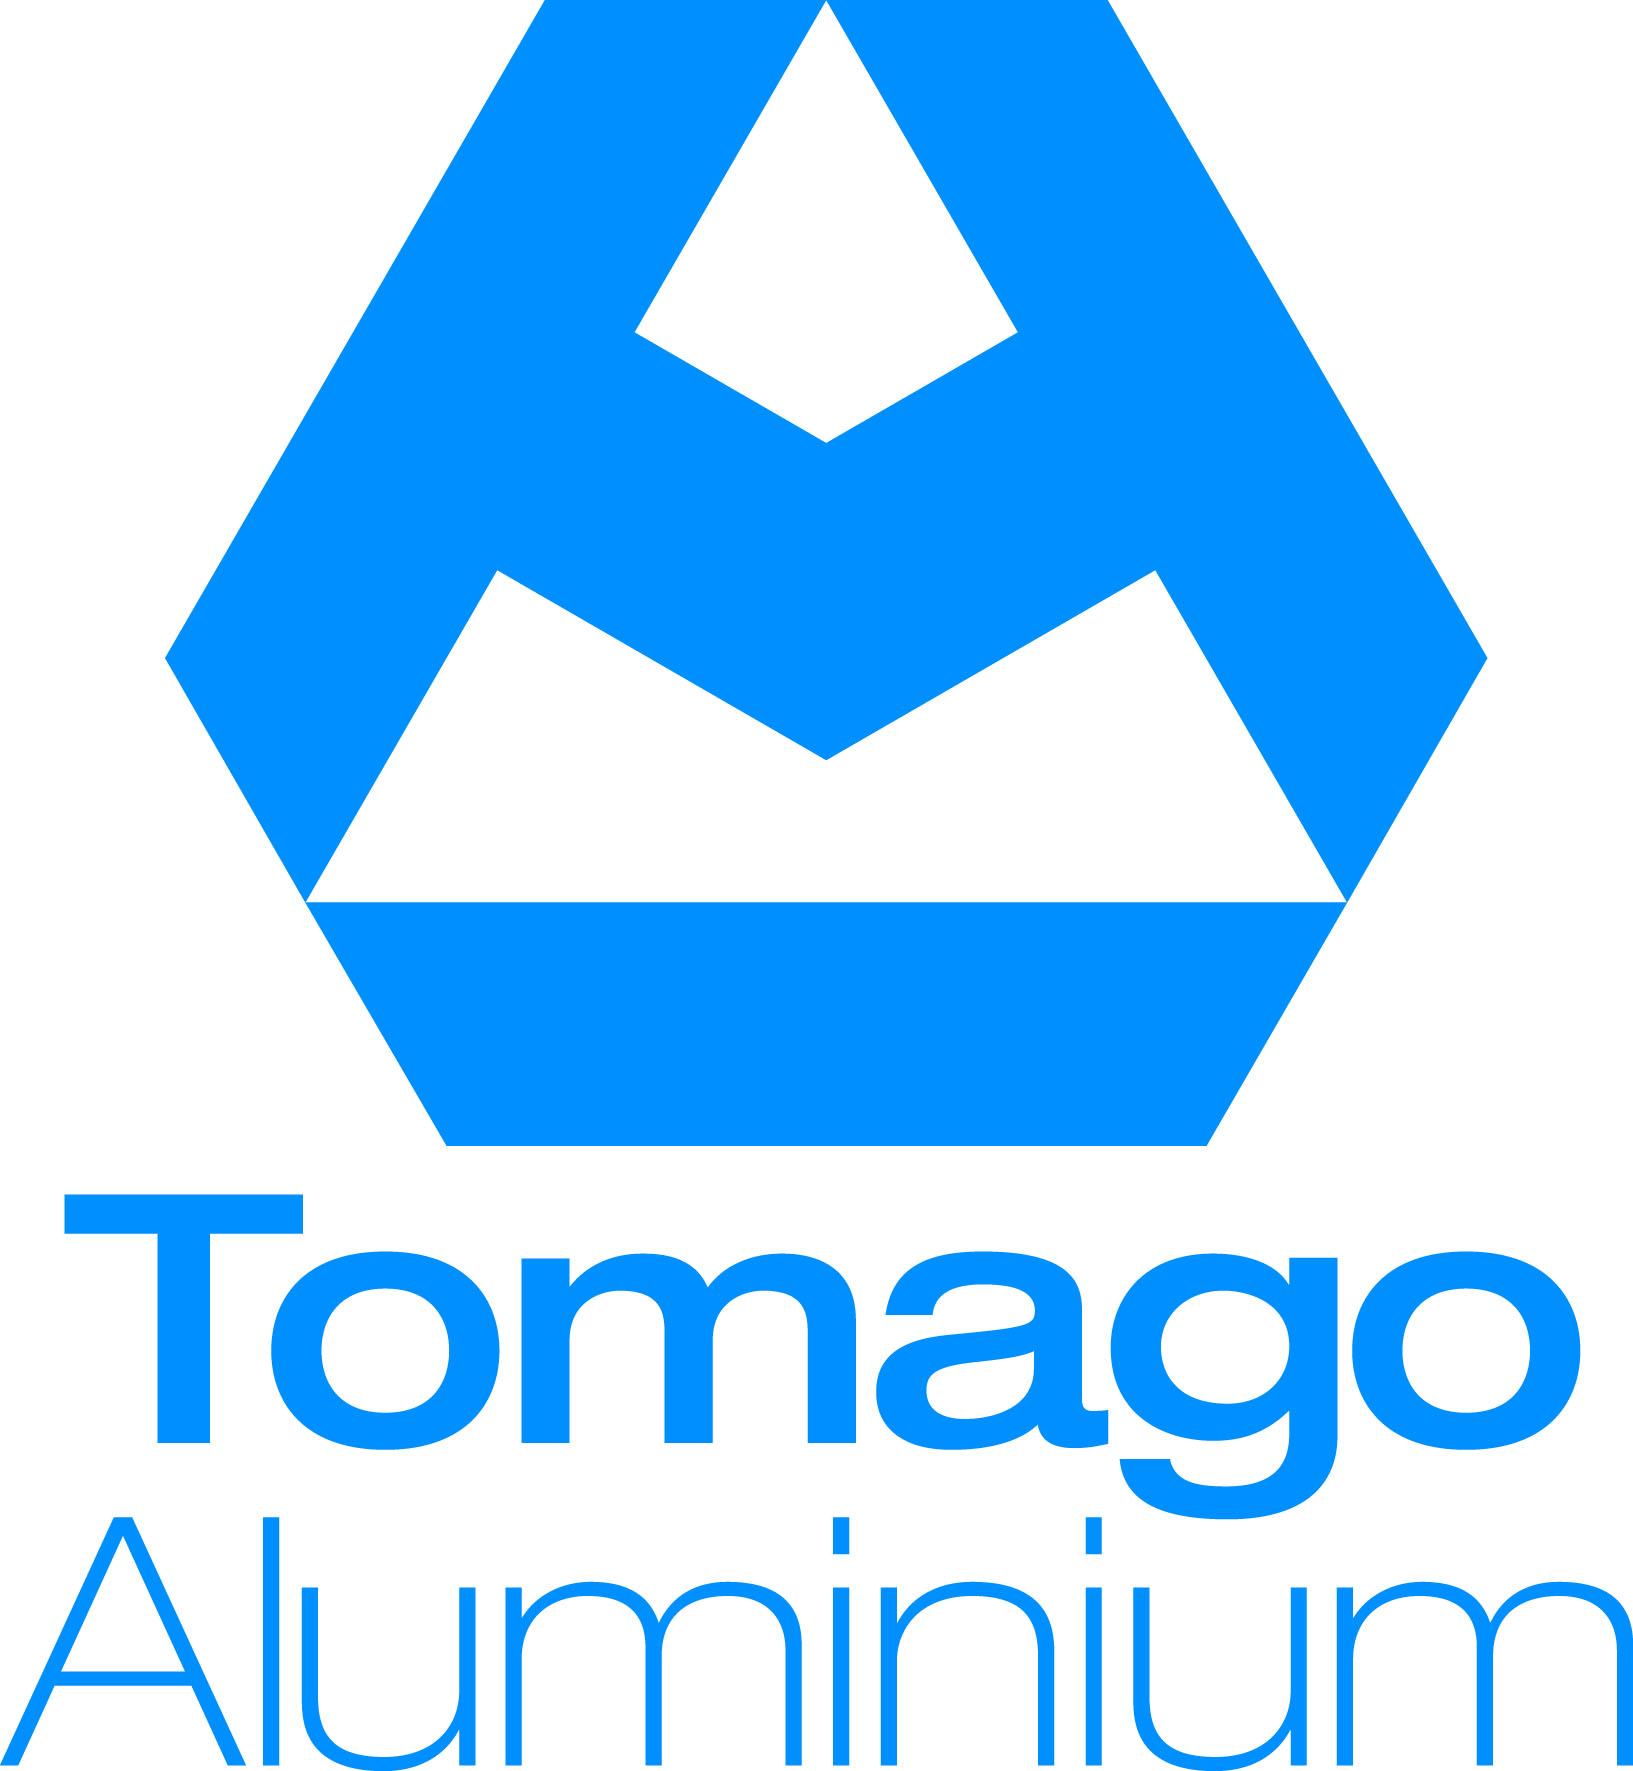 TomagoAluminiumStacked[4].jpg